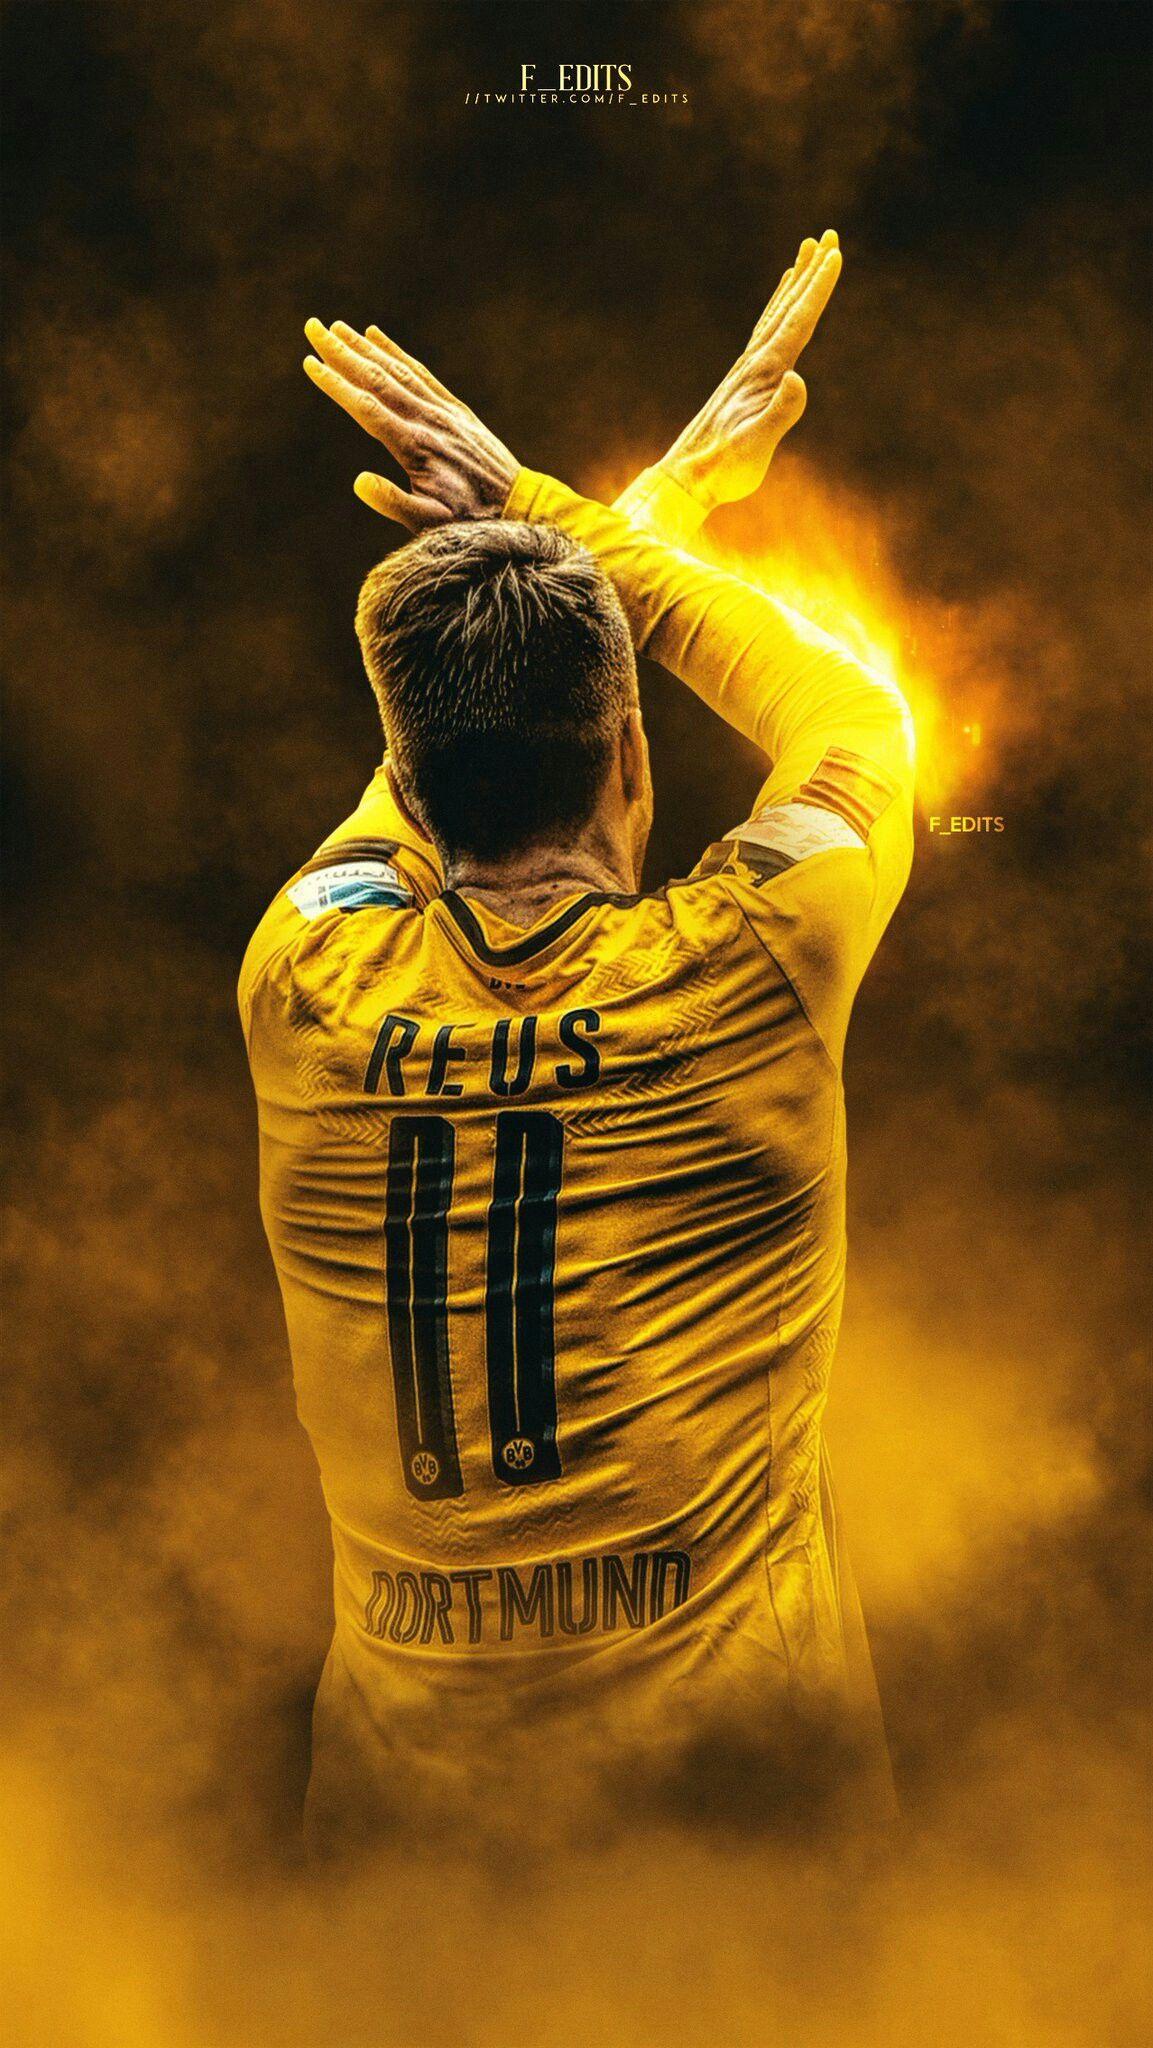 Marco Reus BVB | Fútbol | Pinterest | Fútbol, El futbol y Fondos